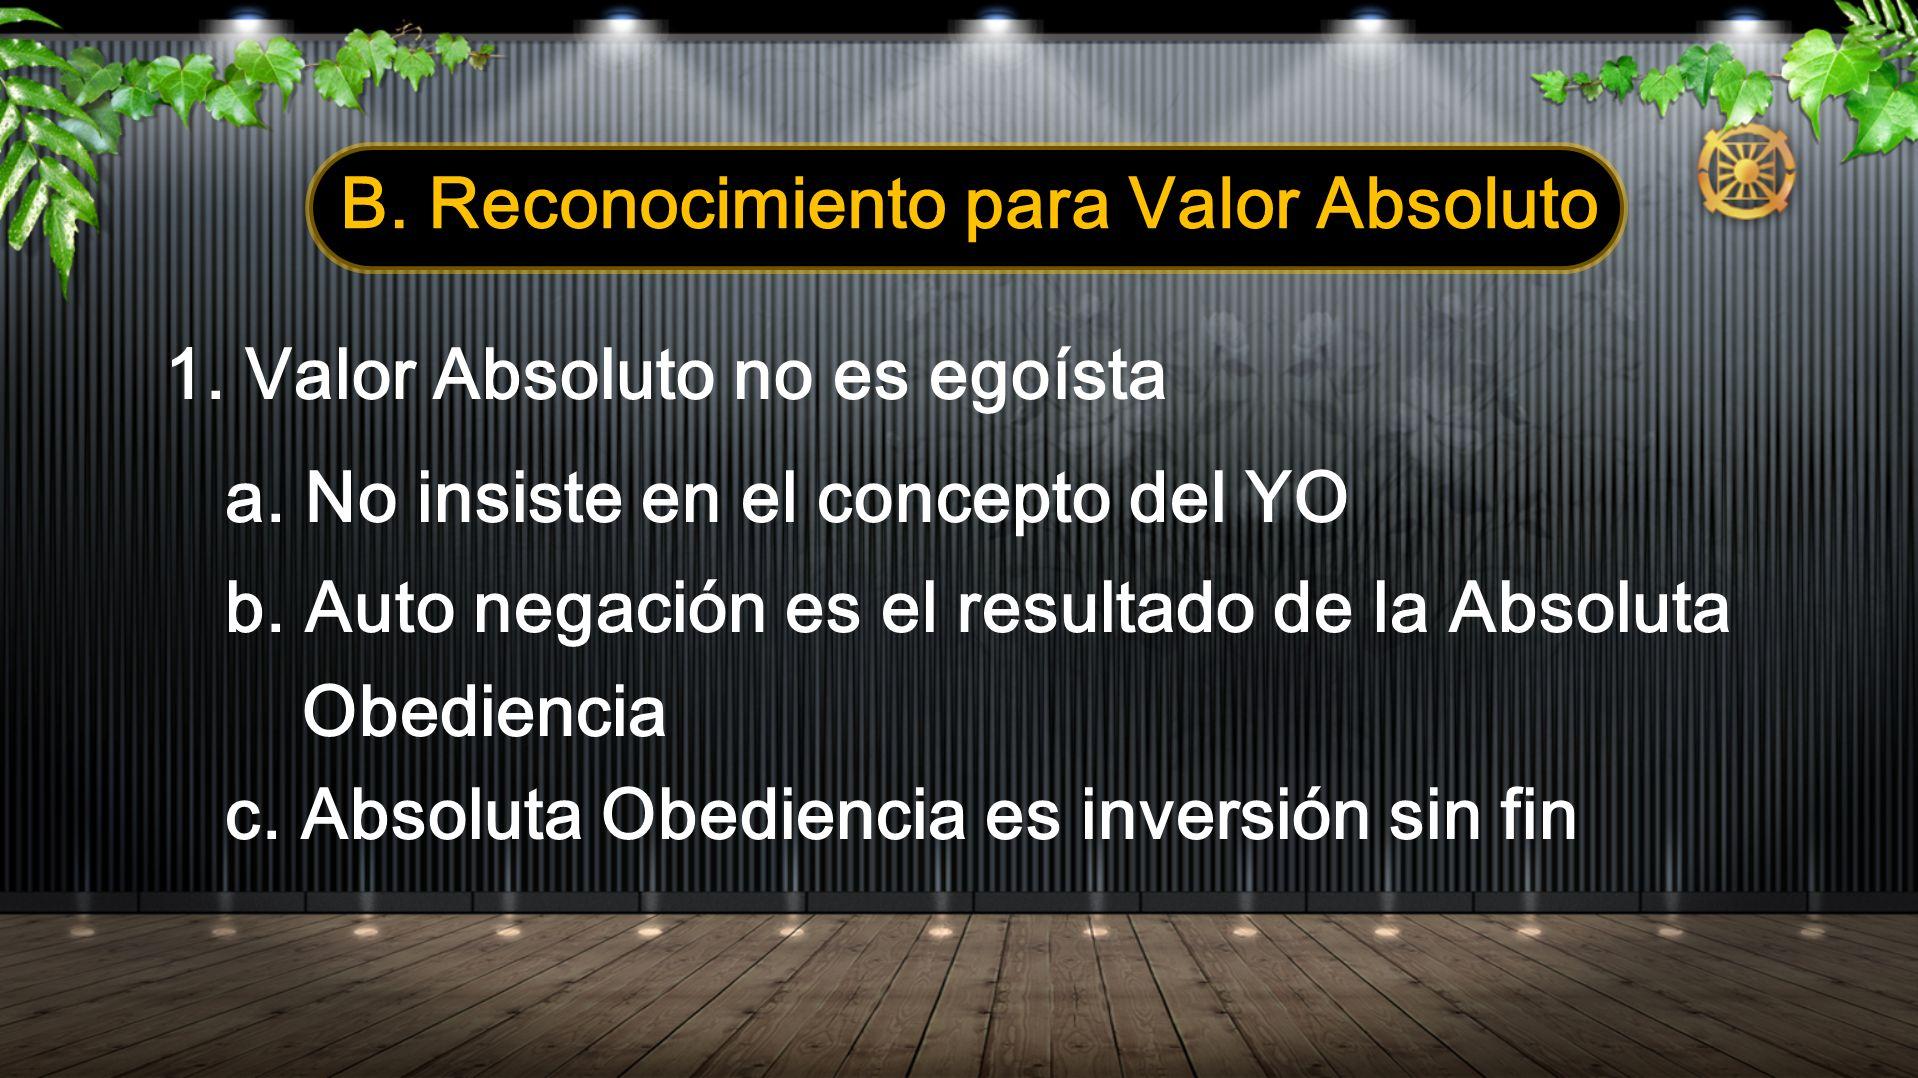 B. Reconocimiento para Valor Absoluto